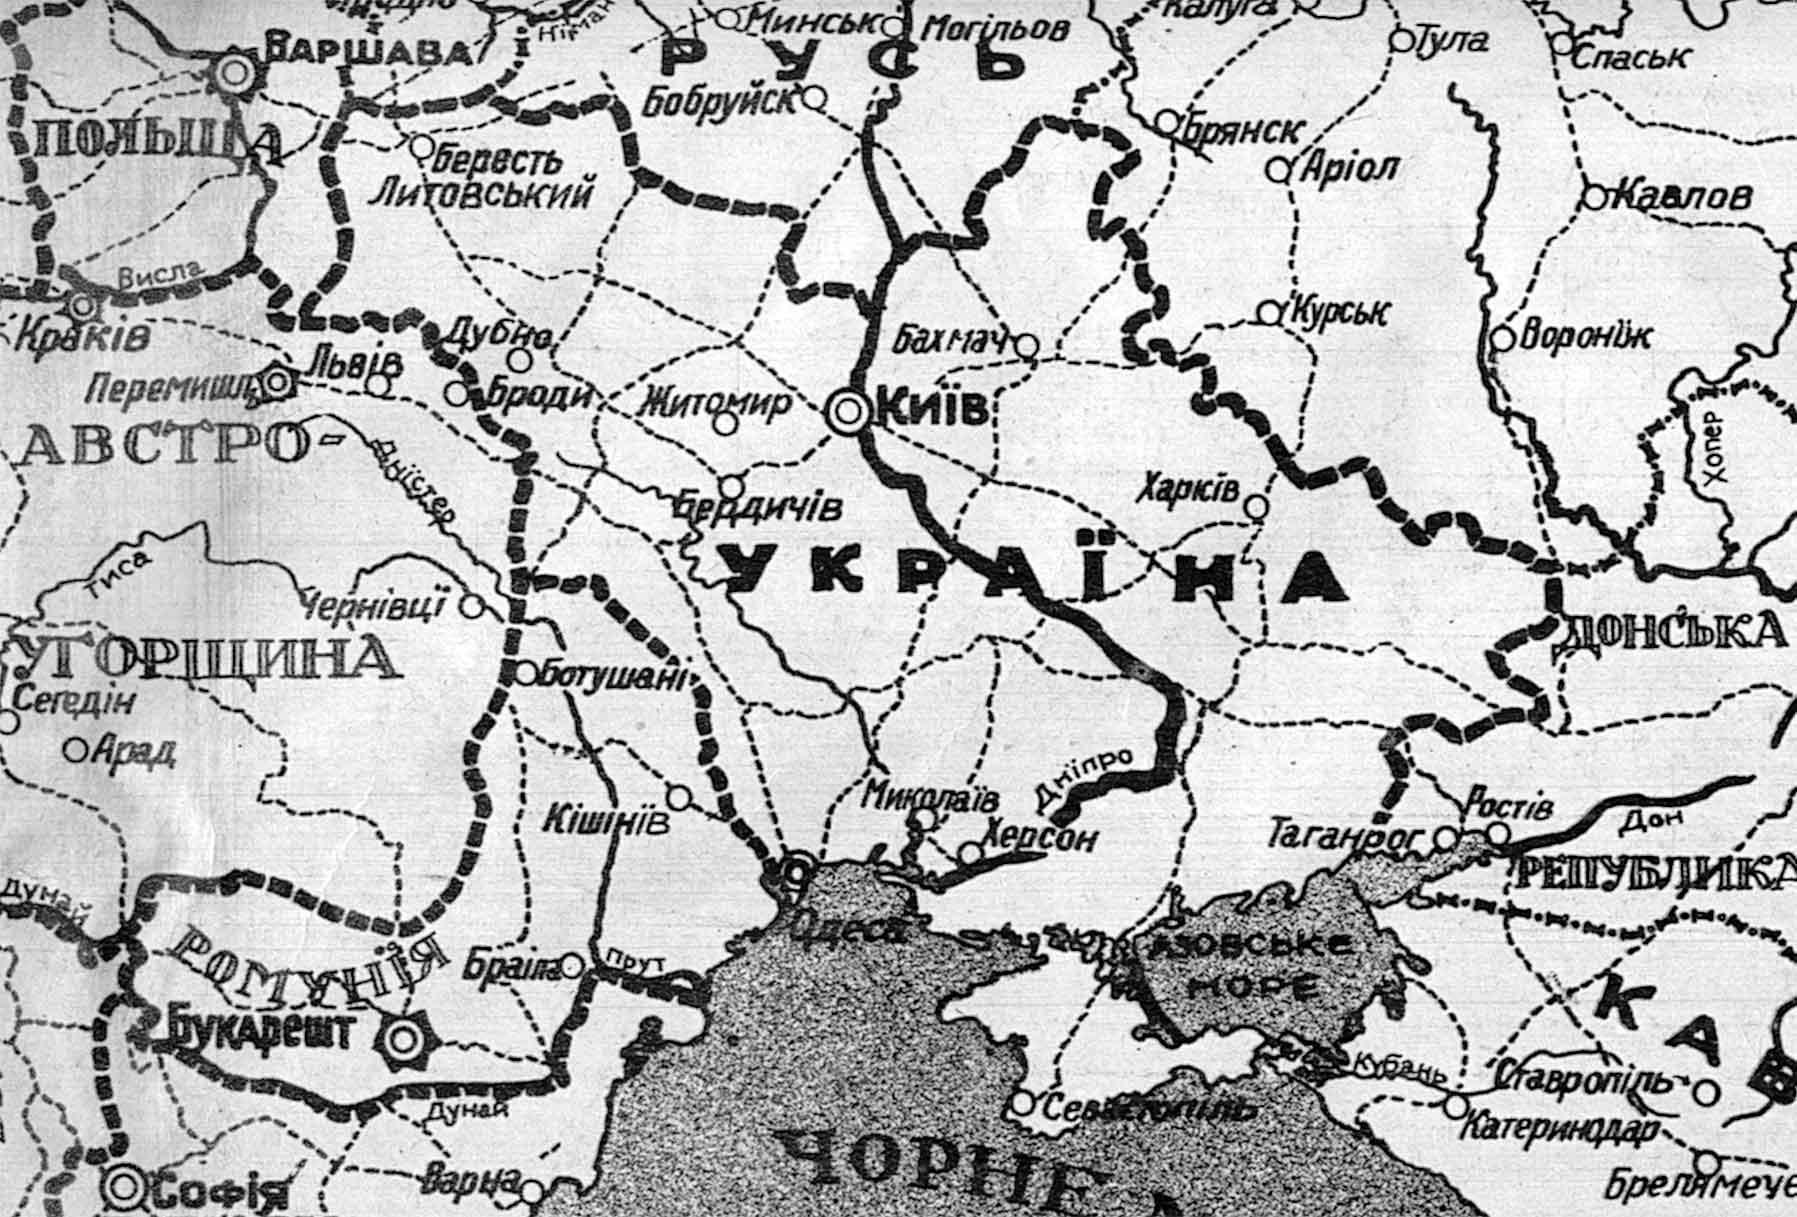 Державні кордони України зразка 1918 року під час ведення переговорів з РСФСР © Картосхема з журналу «Око»